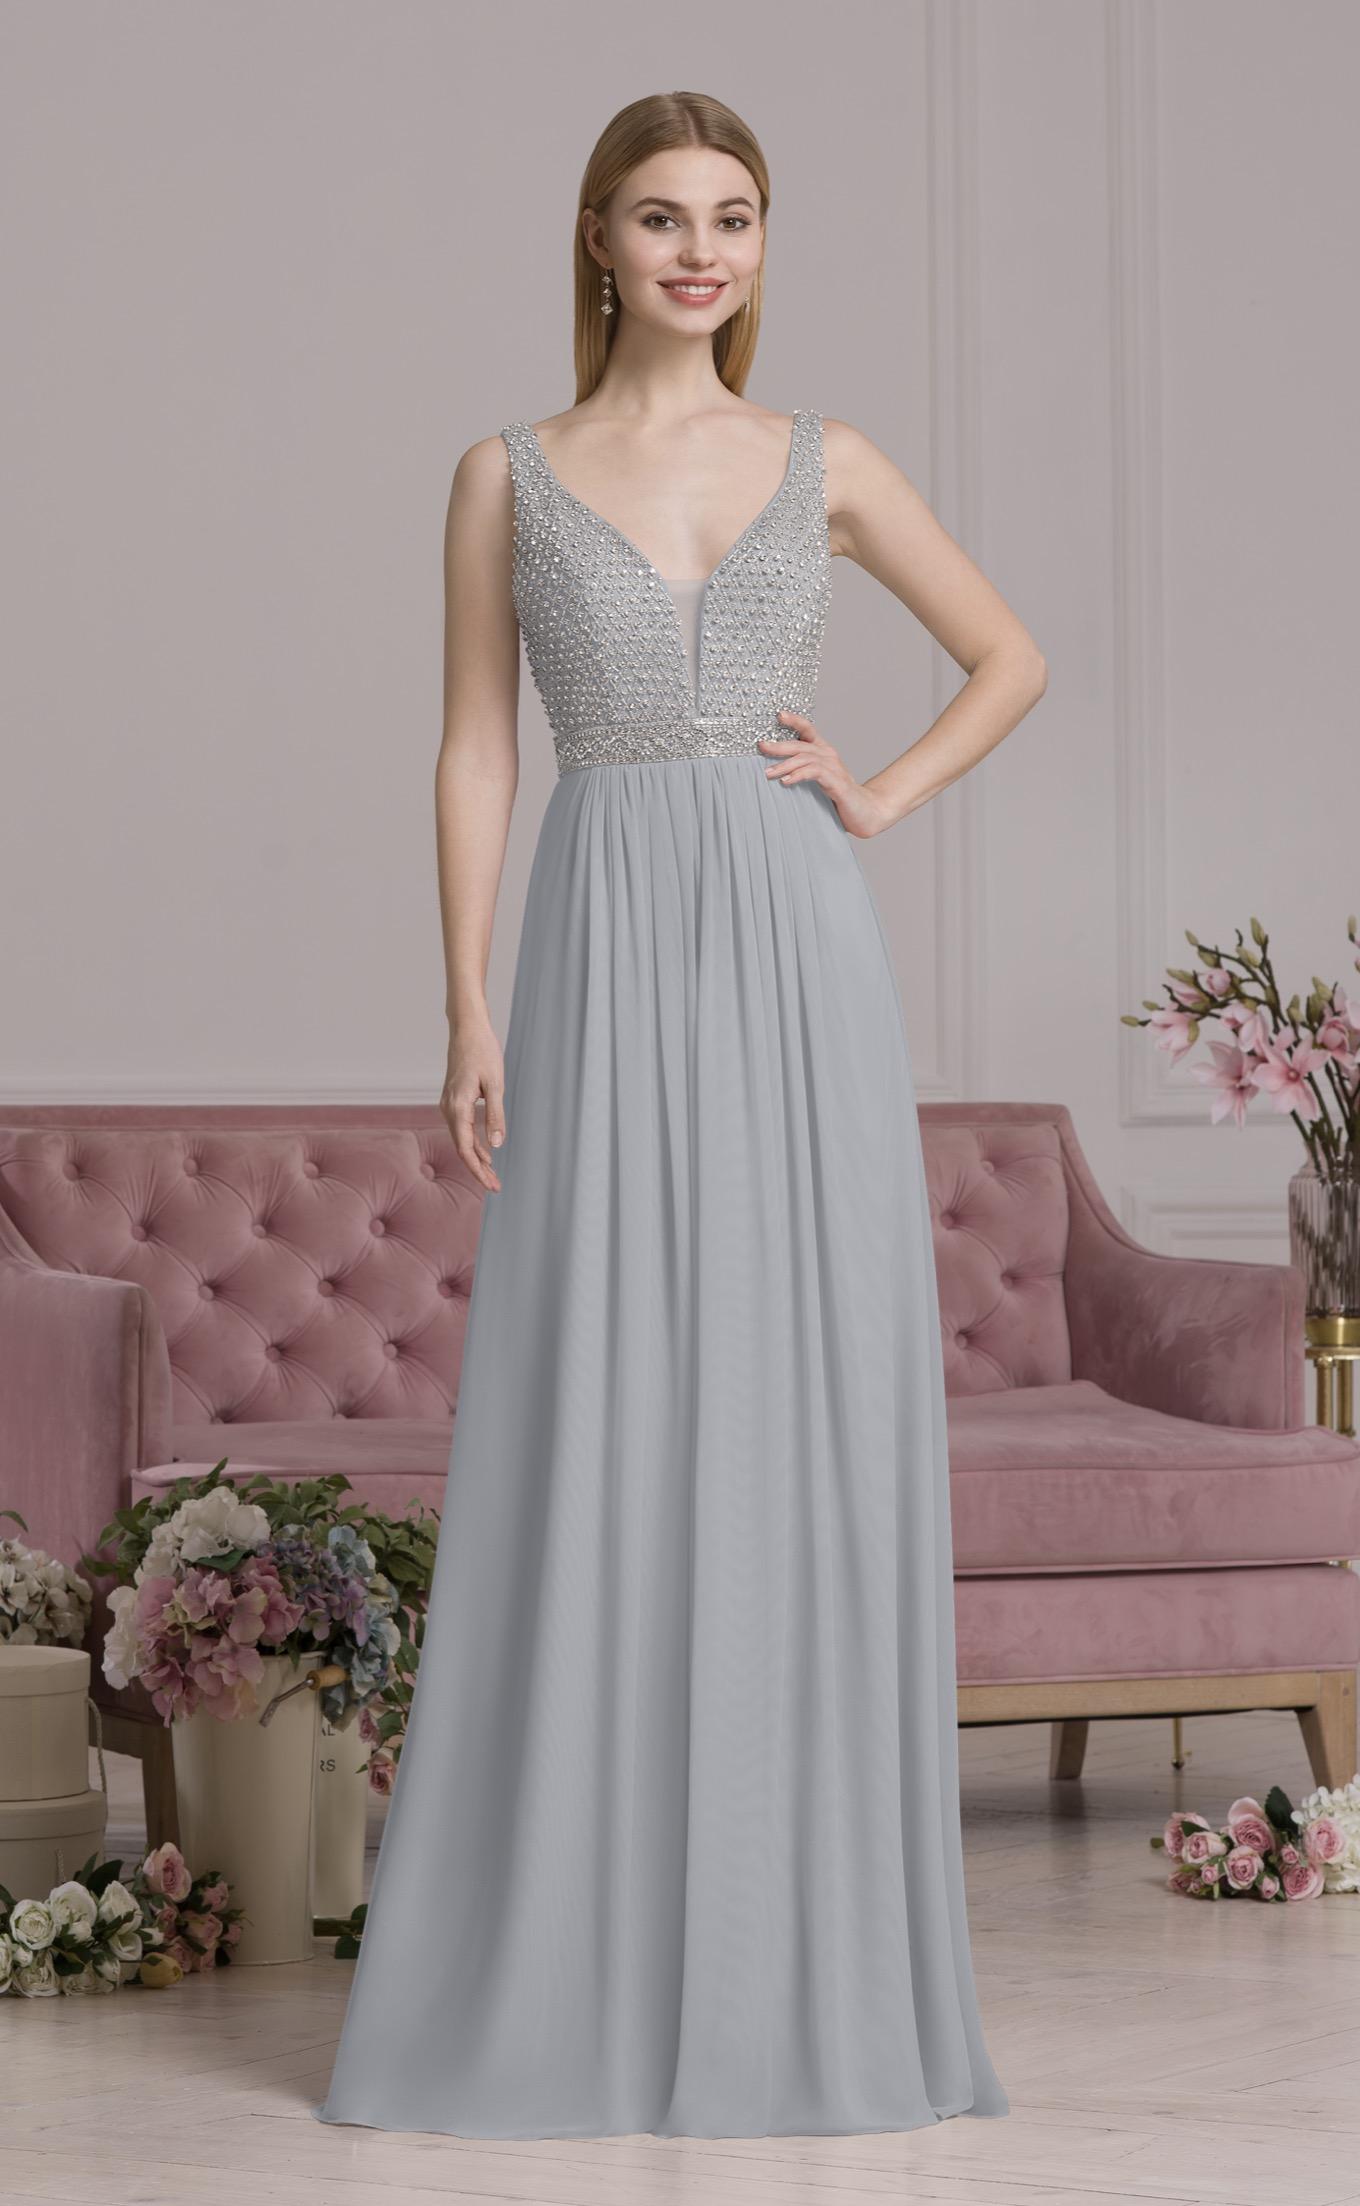 Reich verziertes Abendkleid silber | Samyra Fashion